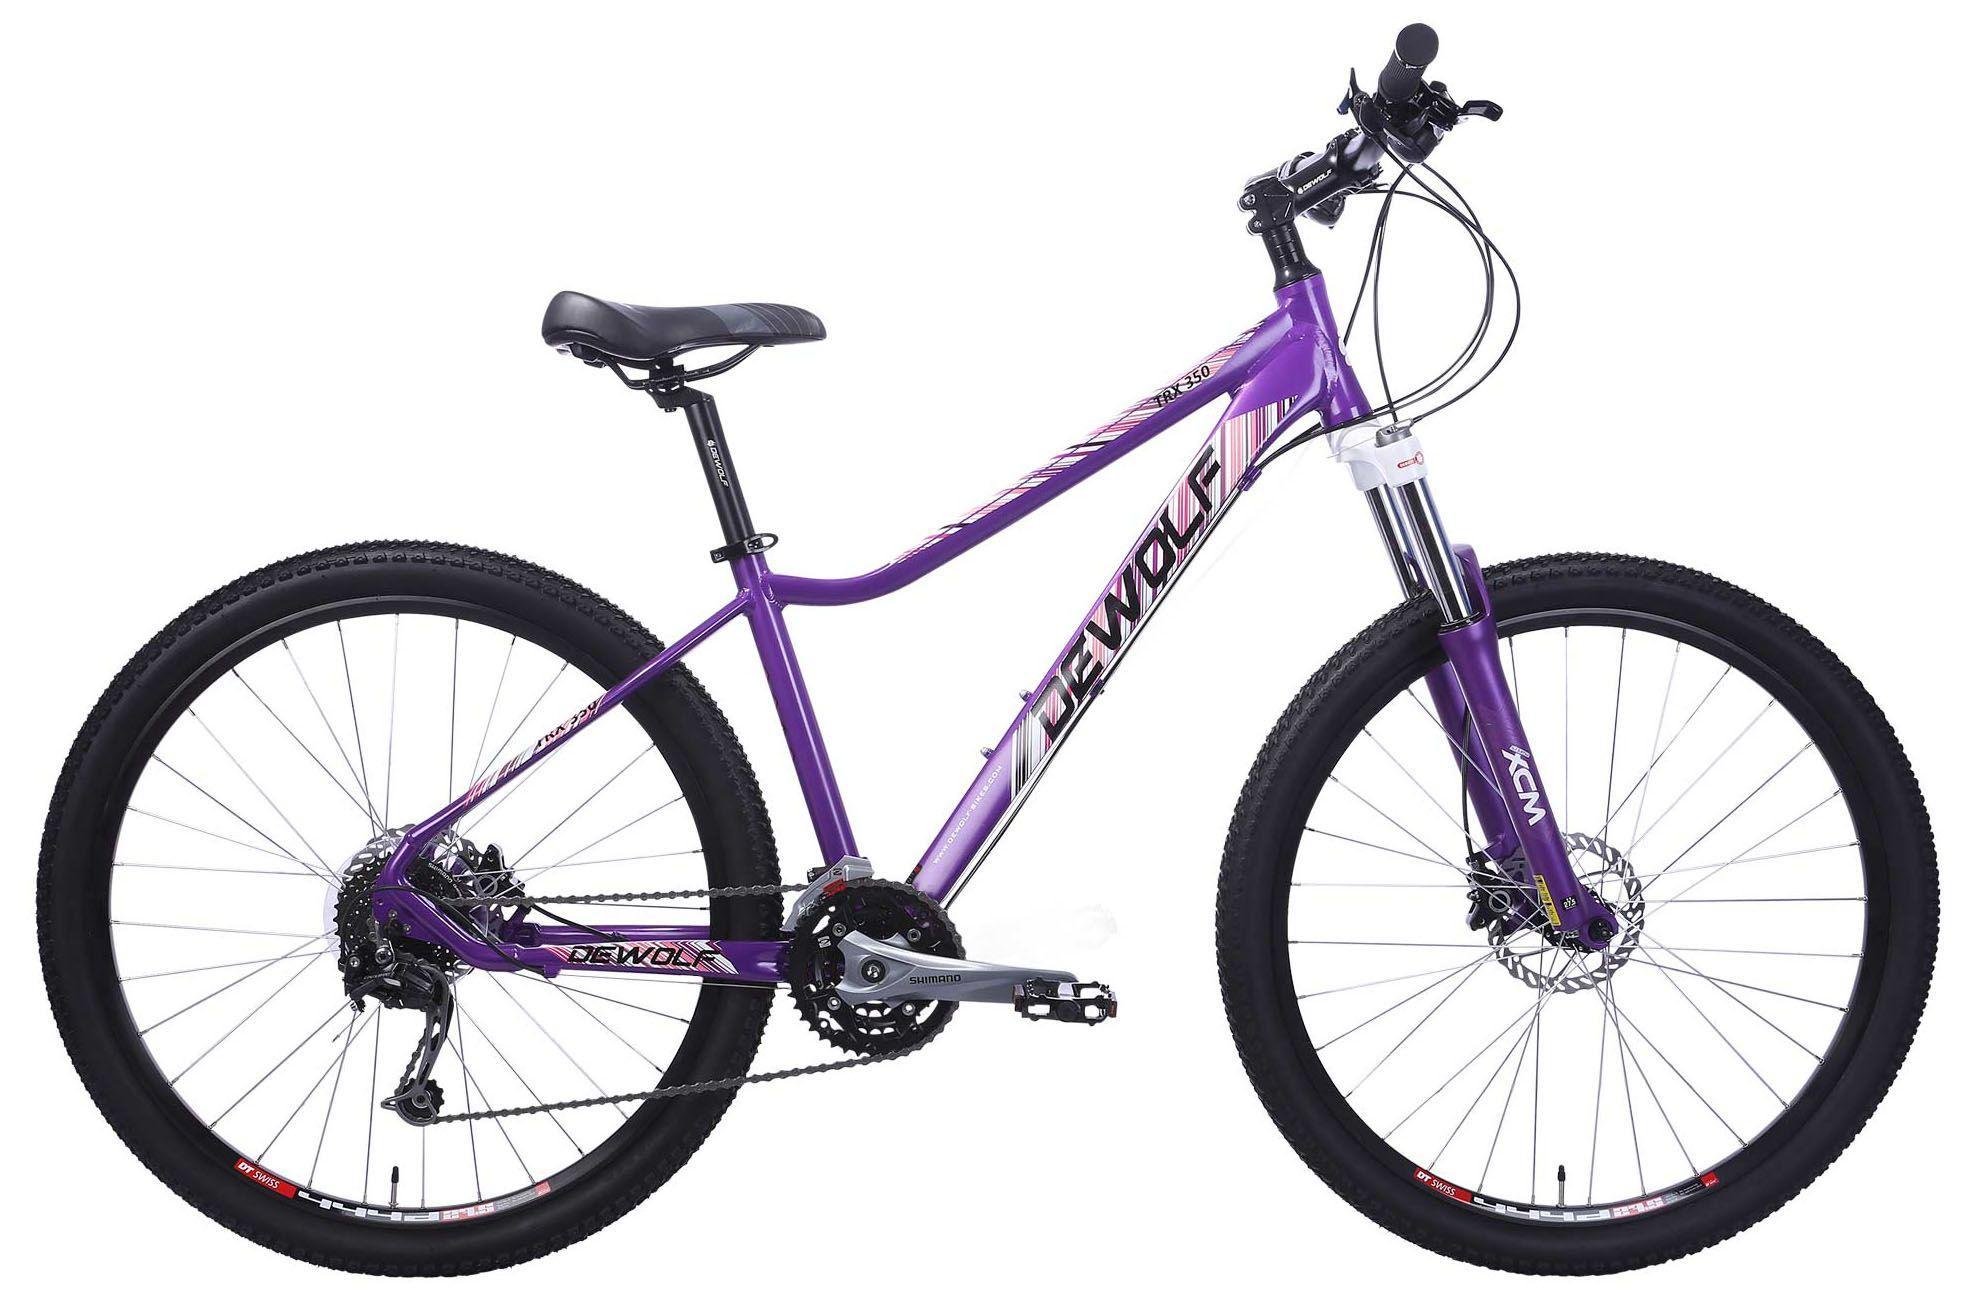 купить Велосипед Dewolf TRX 350 2018 по цене 49900 рублей